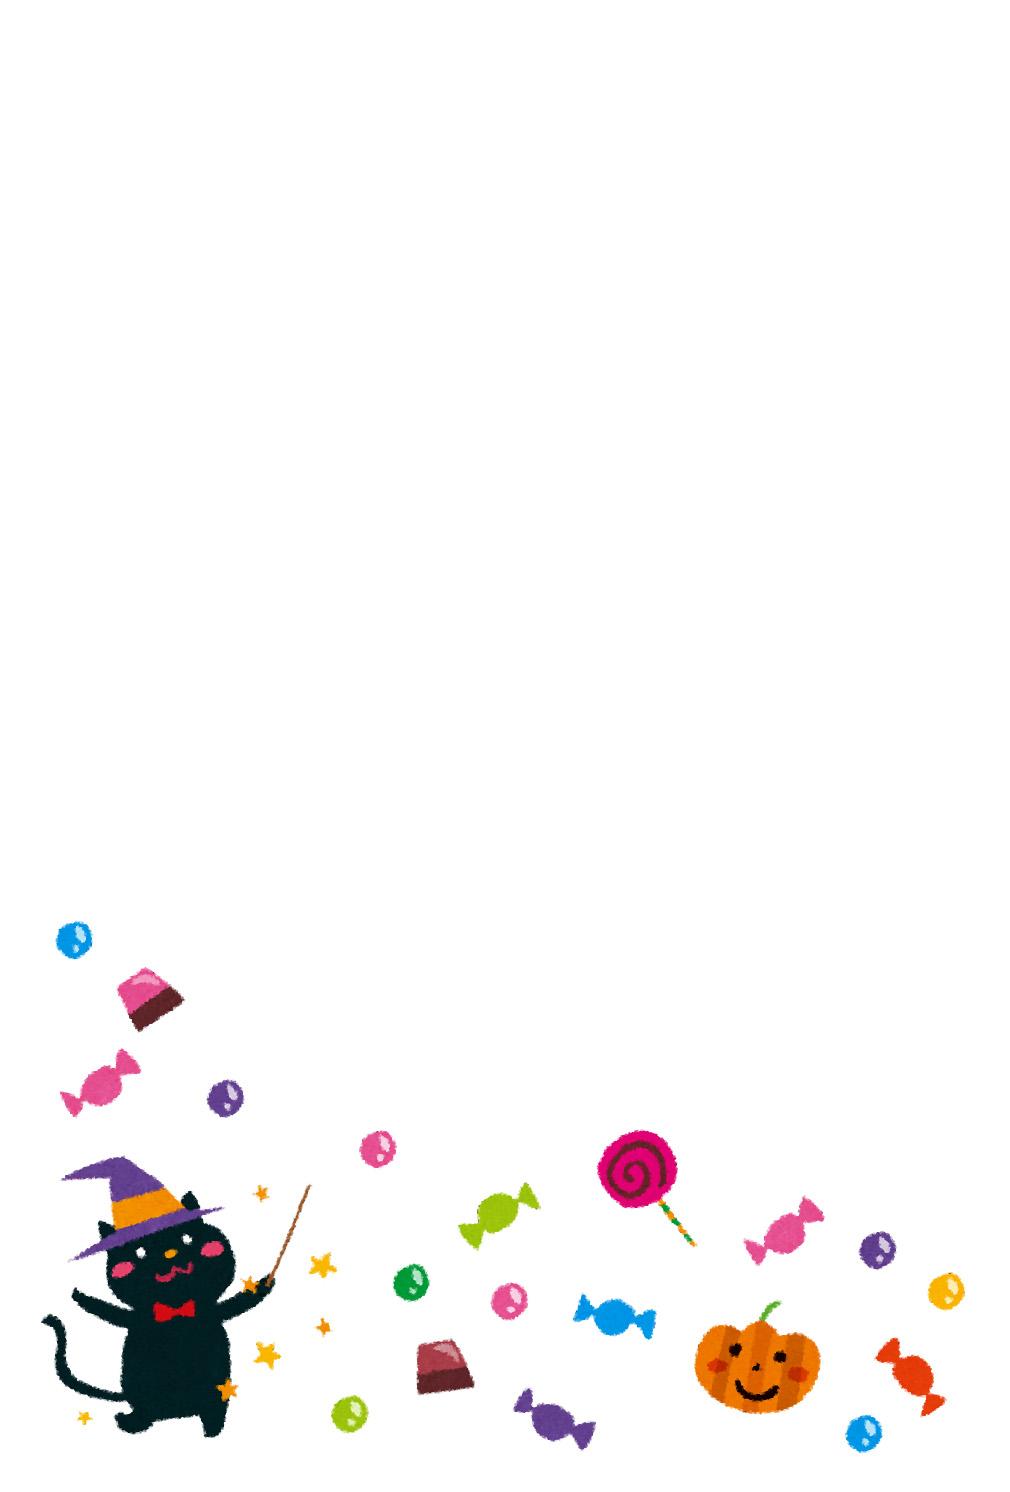 季節のはがきのテンプレート「10月 ハロウィンと黒猫とお菓子